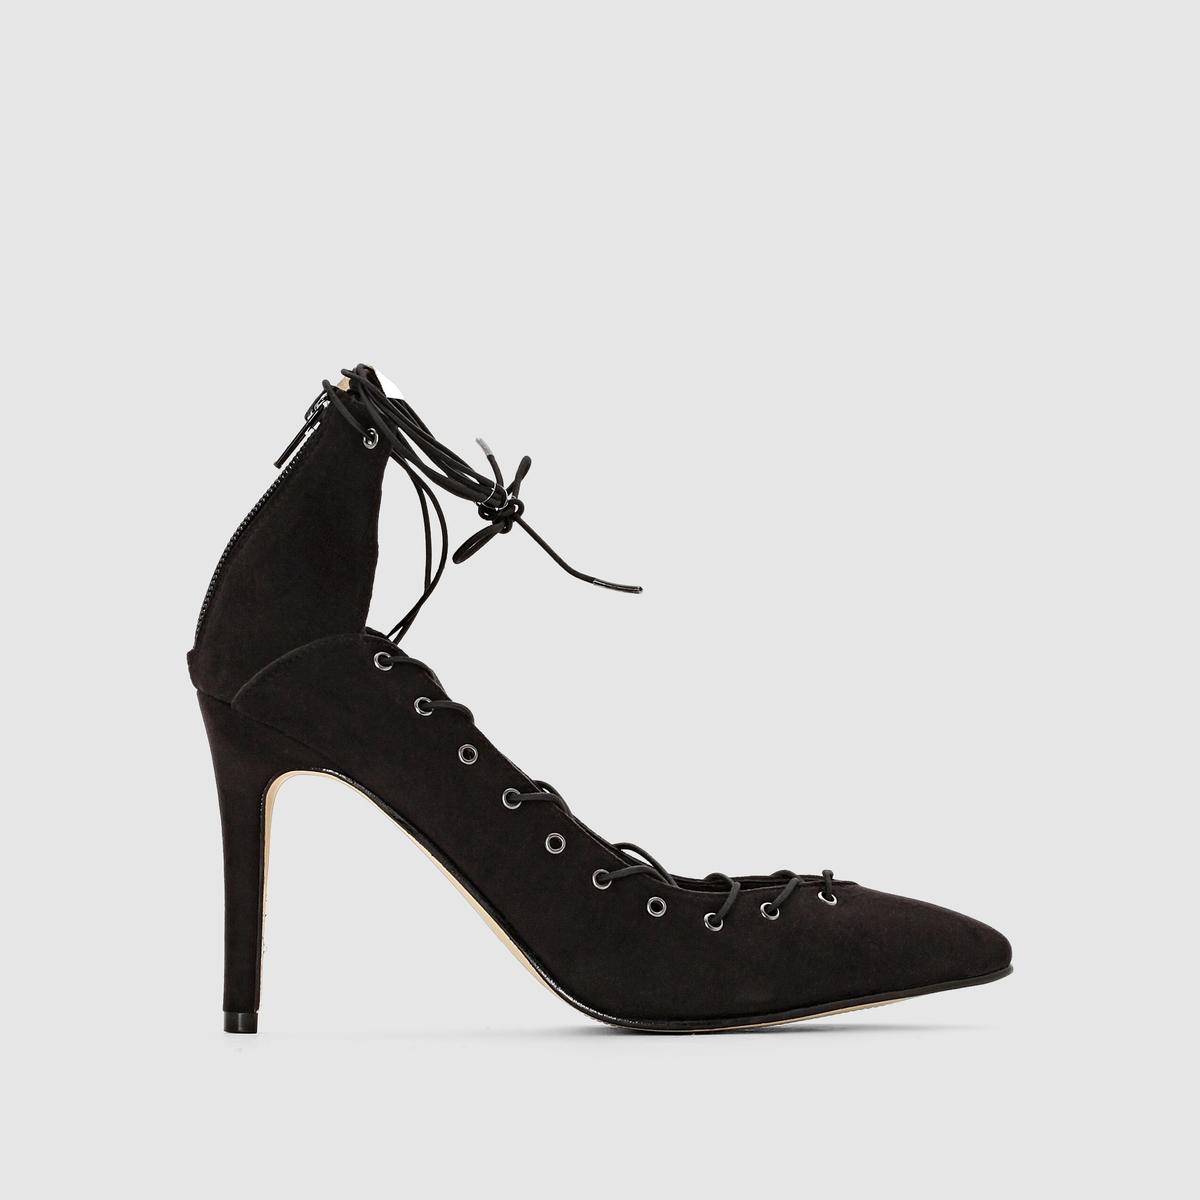 Туфли на высоком каблукеПодкладка : синтетика  Стелька : кожа   Подошва : из эластомера   Каблук : 10 см Мы советуем Вам заказывать модель на один размер больше Вашего обычного размера.<br><br>Цвет: черный<br>Размер: 36.38.40